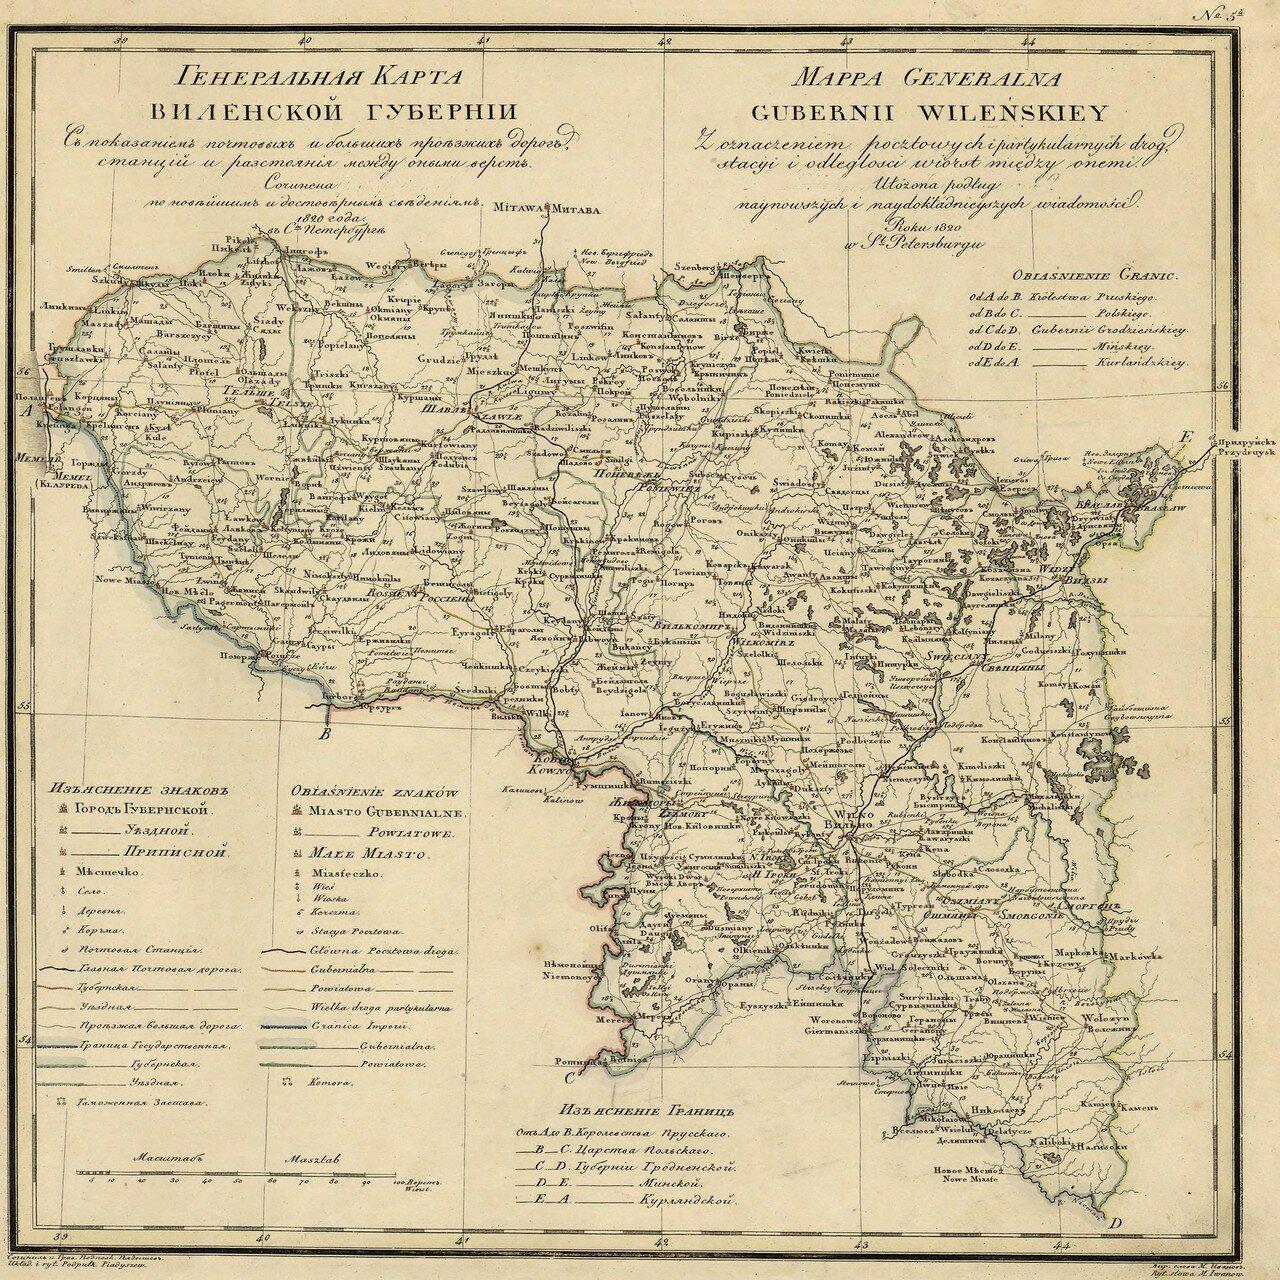 05. Виленская губерния. 1820